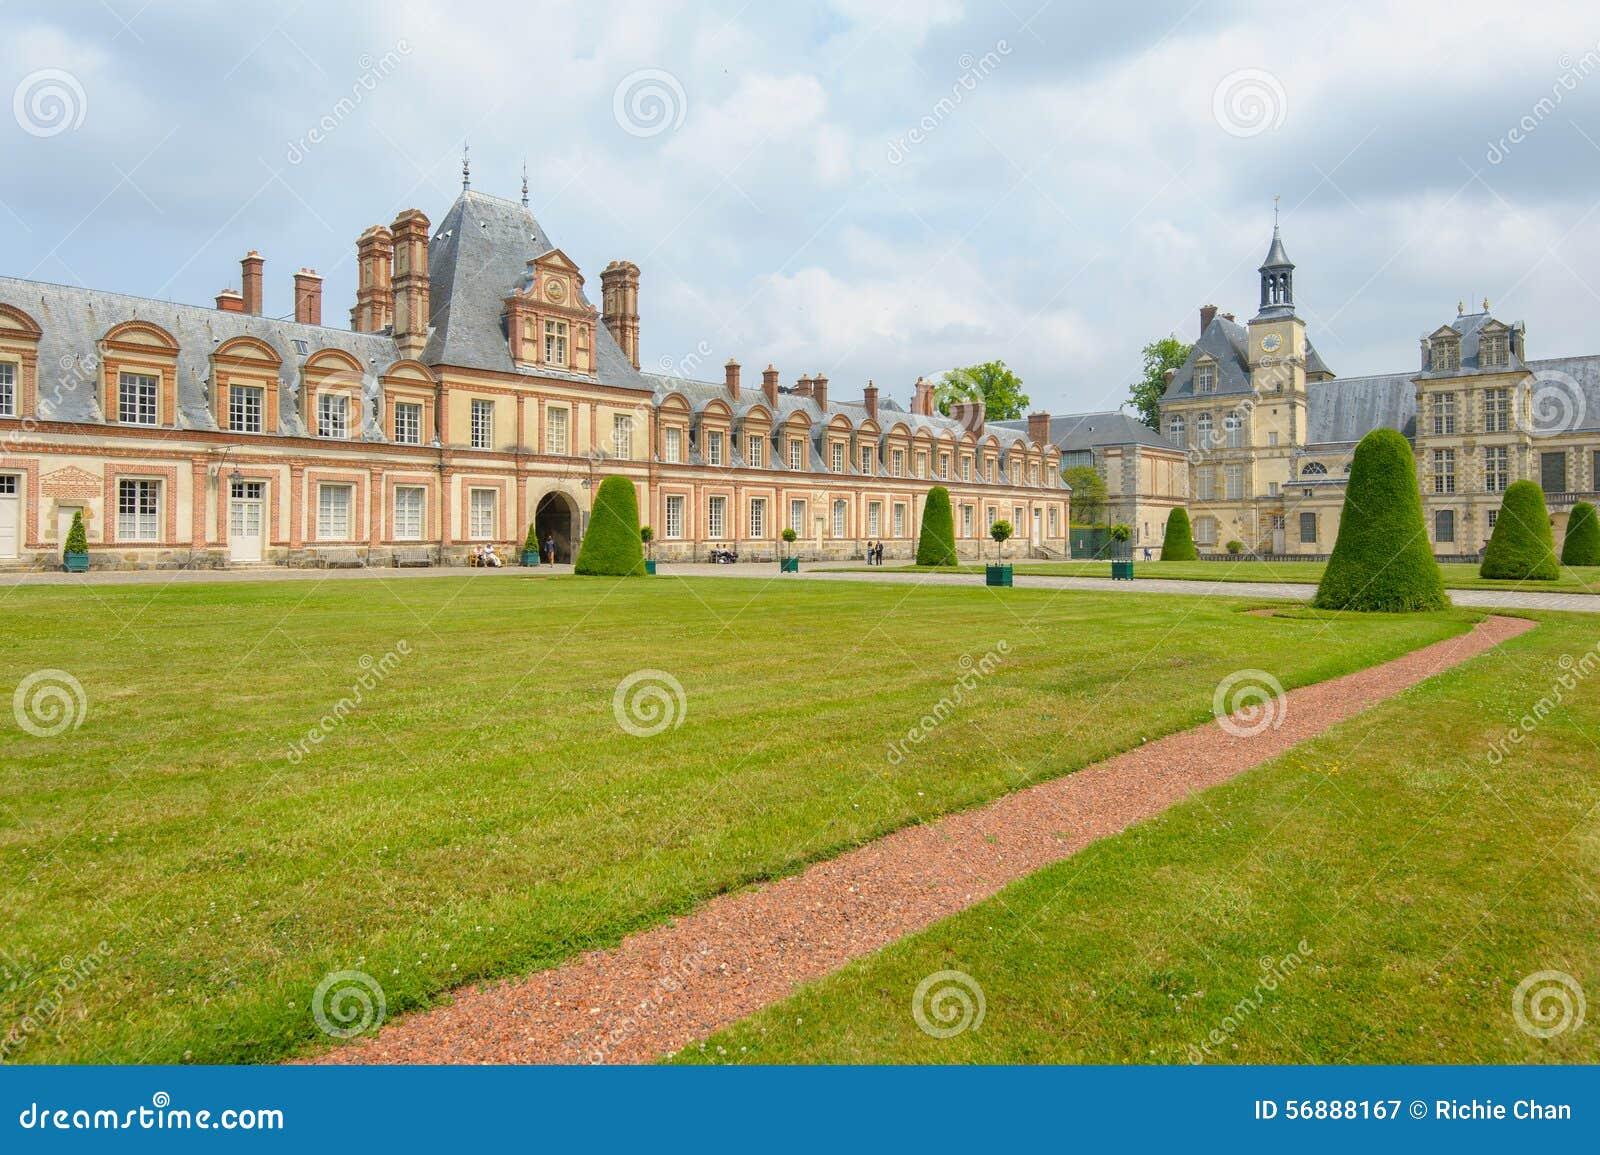 枫丹白露宫在法国